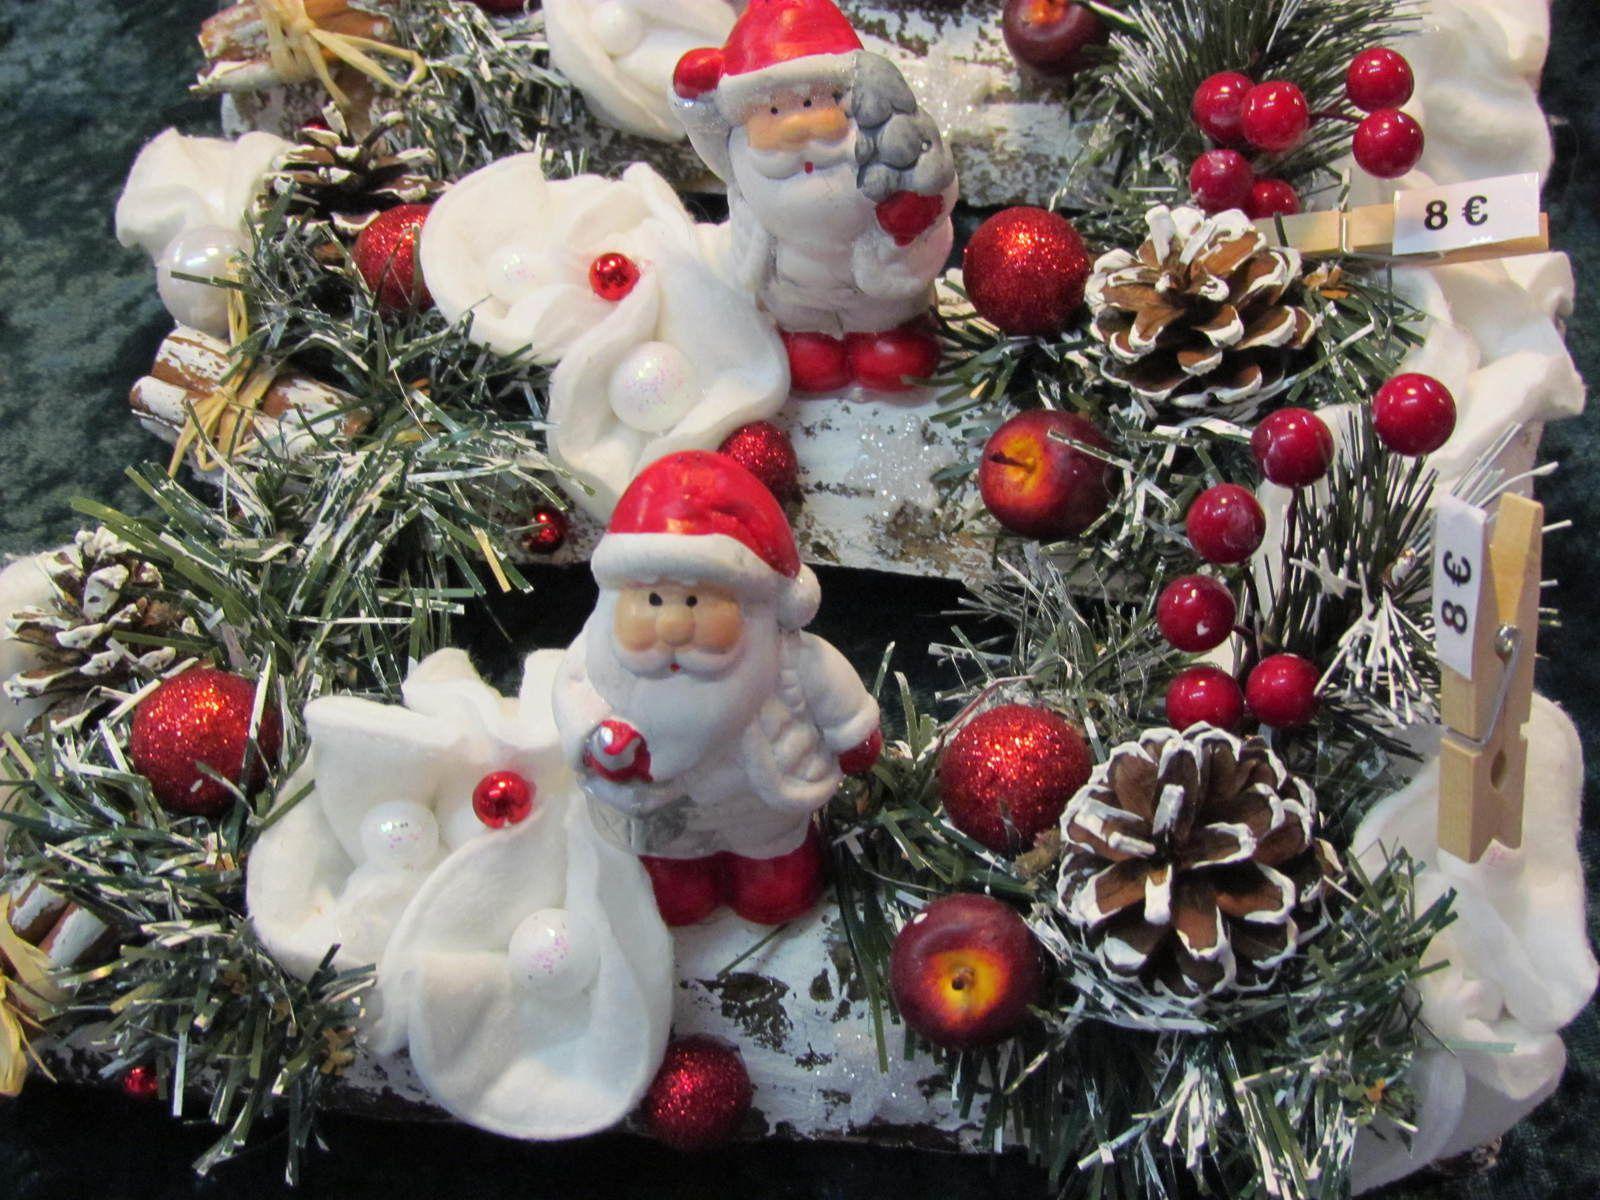 Marché de Noël de Neufchâteau